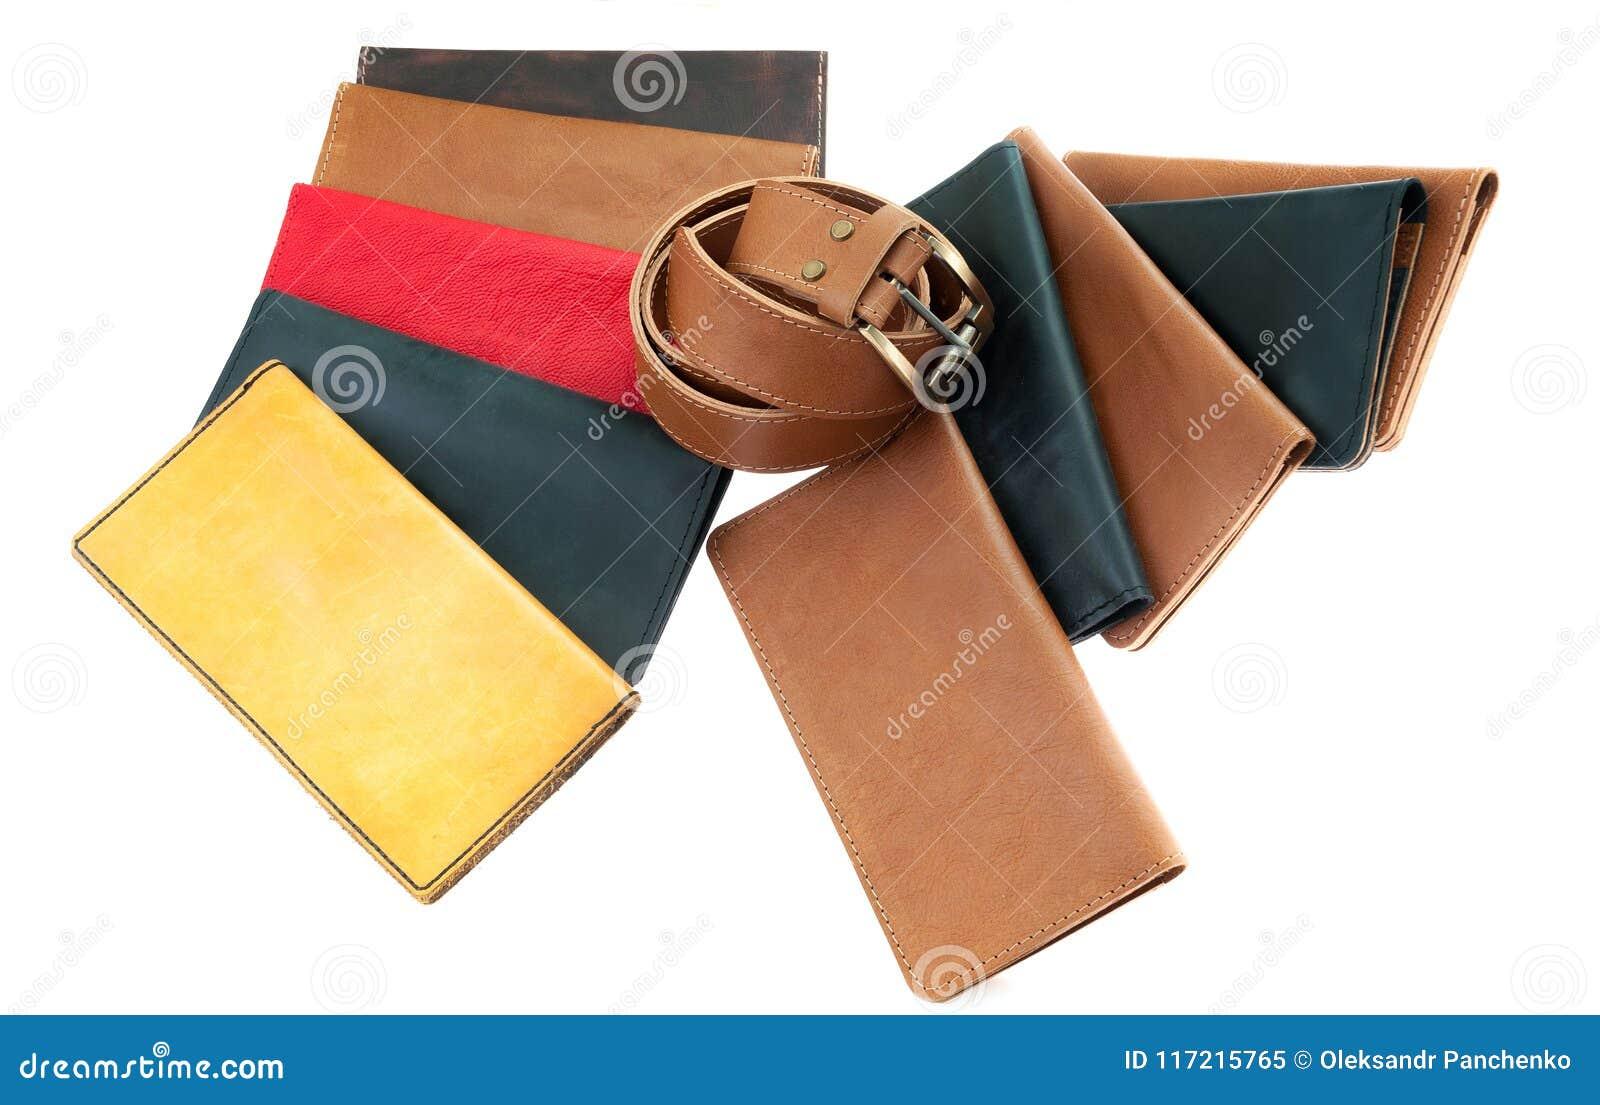 Carteiras de couro Multi-coloridas e uma correia acessórios de couro